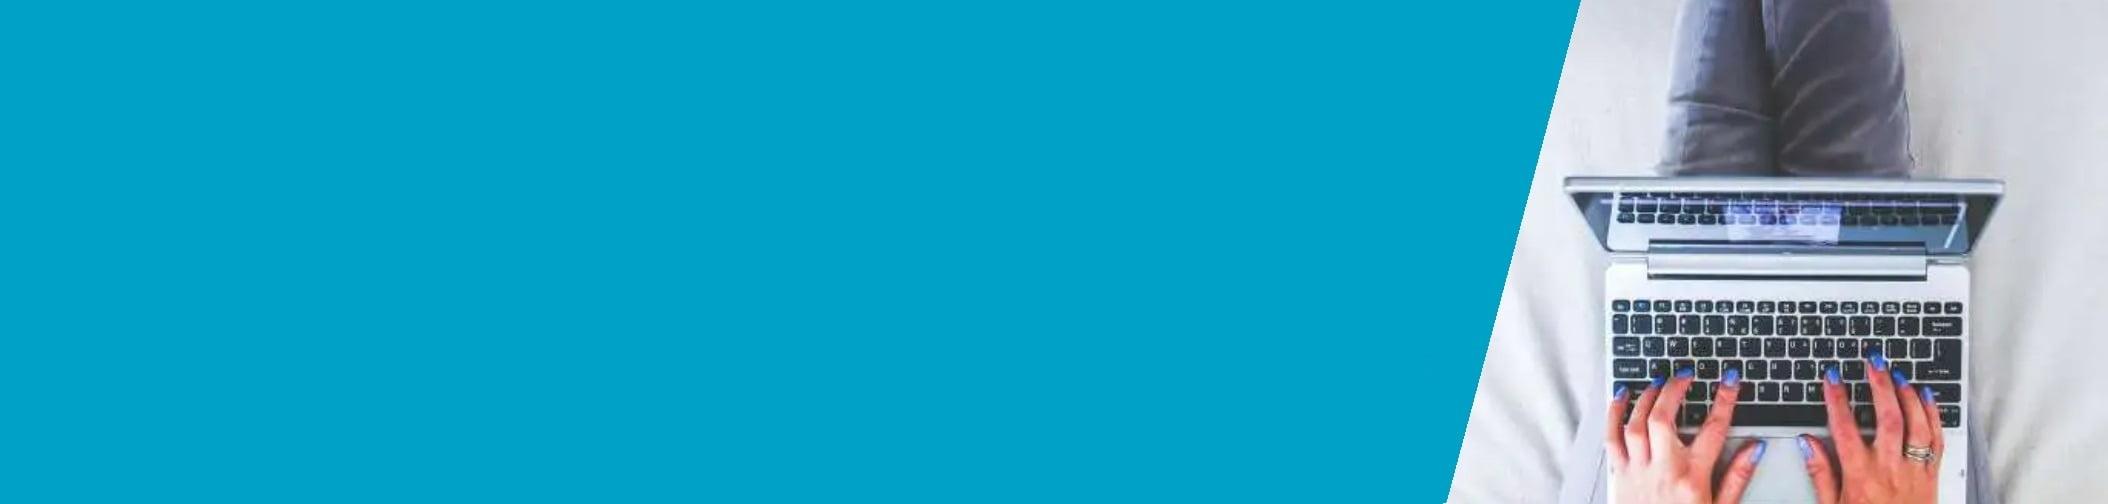 Reactie op internetconsultatie van LWV/VNO-NCW, MKB-Nederland en AWVN op initiatiefwetsvoorstel van de Wet flexibel werken (Wet werken waar je wil)